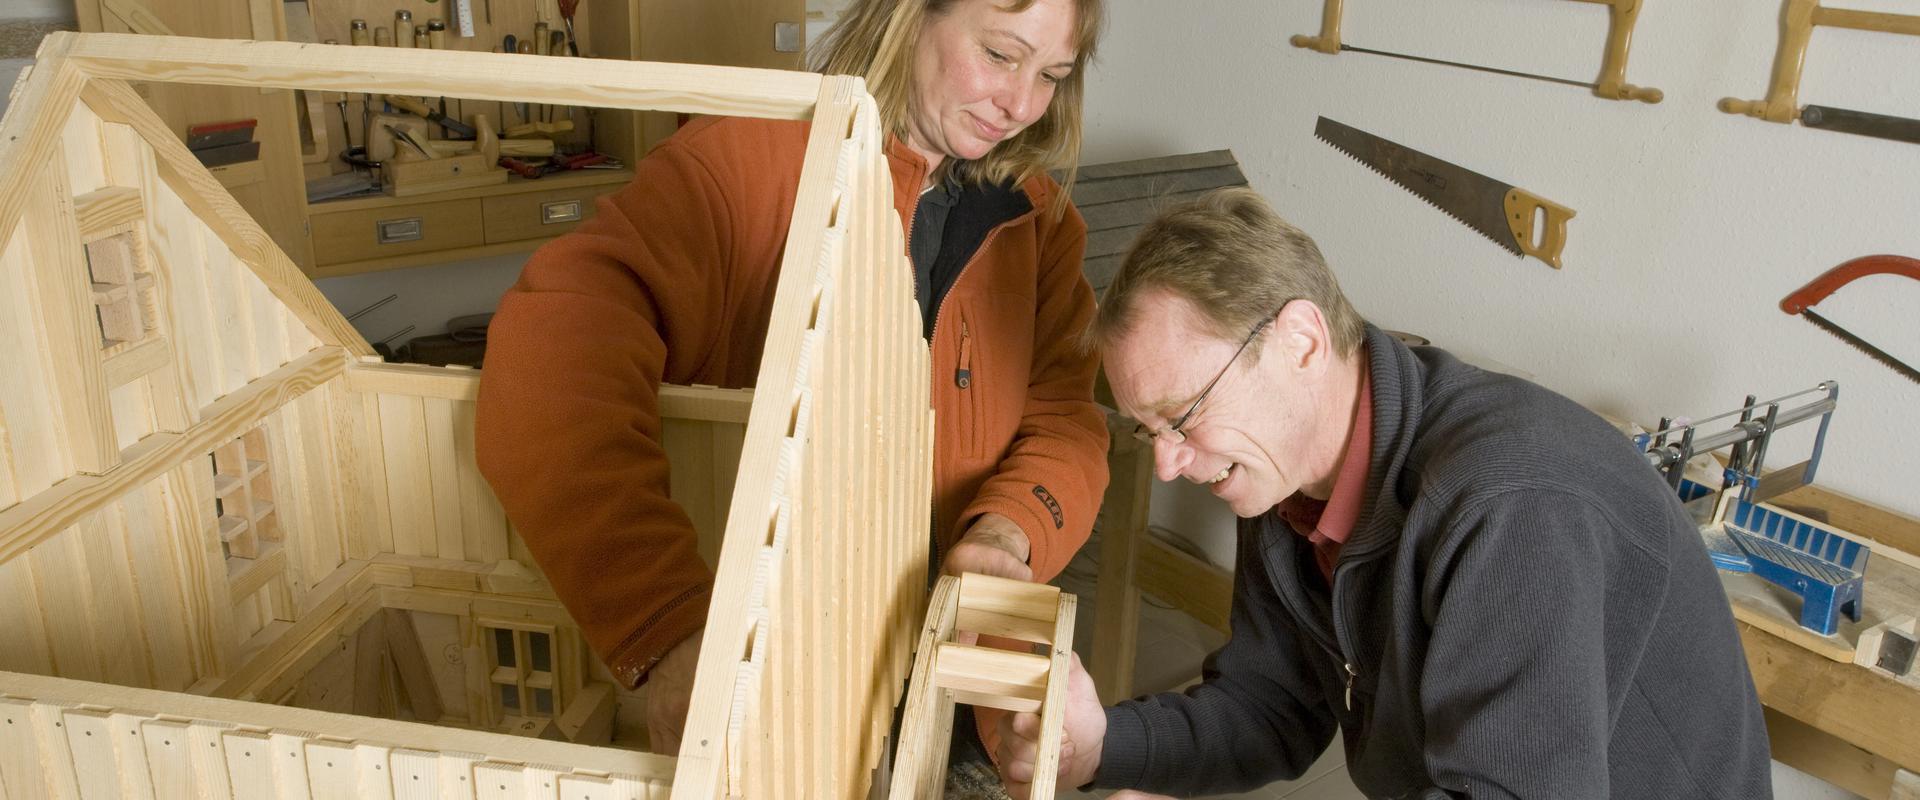 Gemeinsames basteln und bauen im MEDIAN Adaptionshaus Lübeck